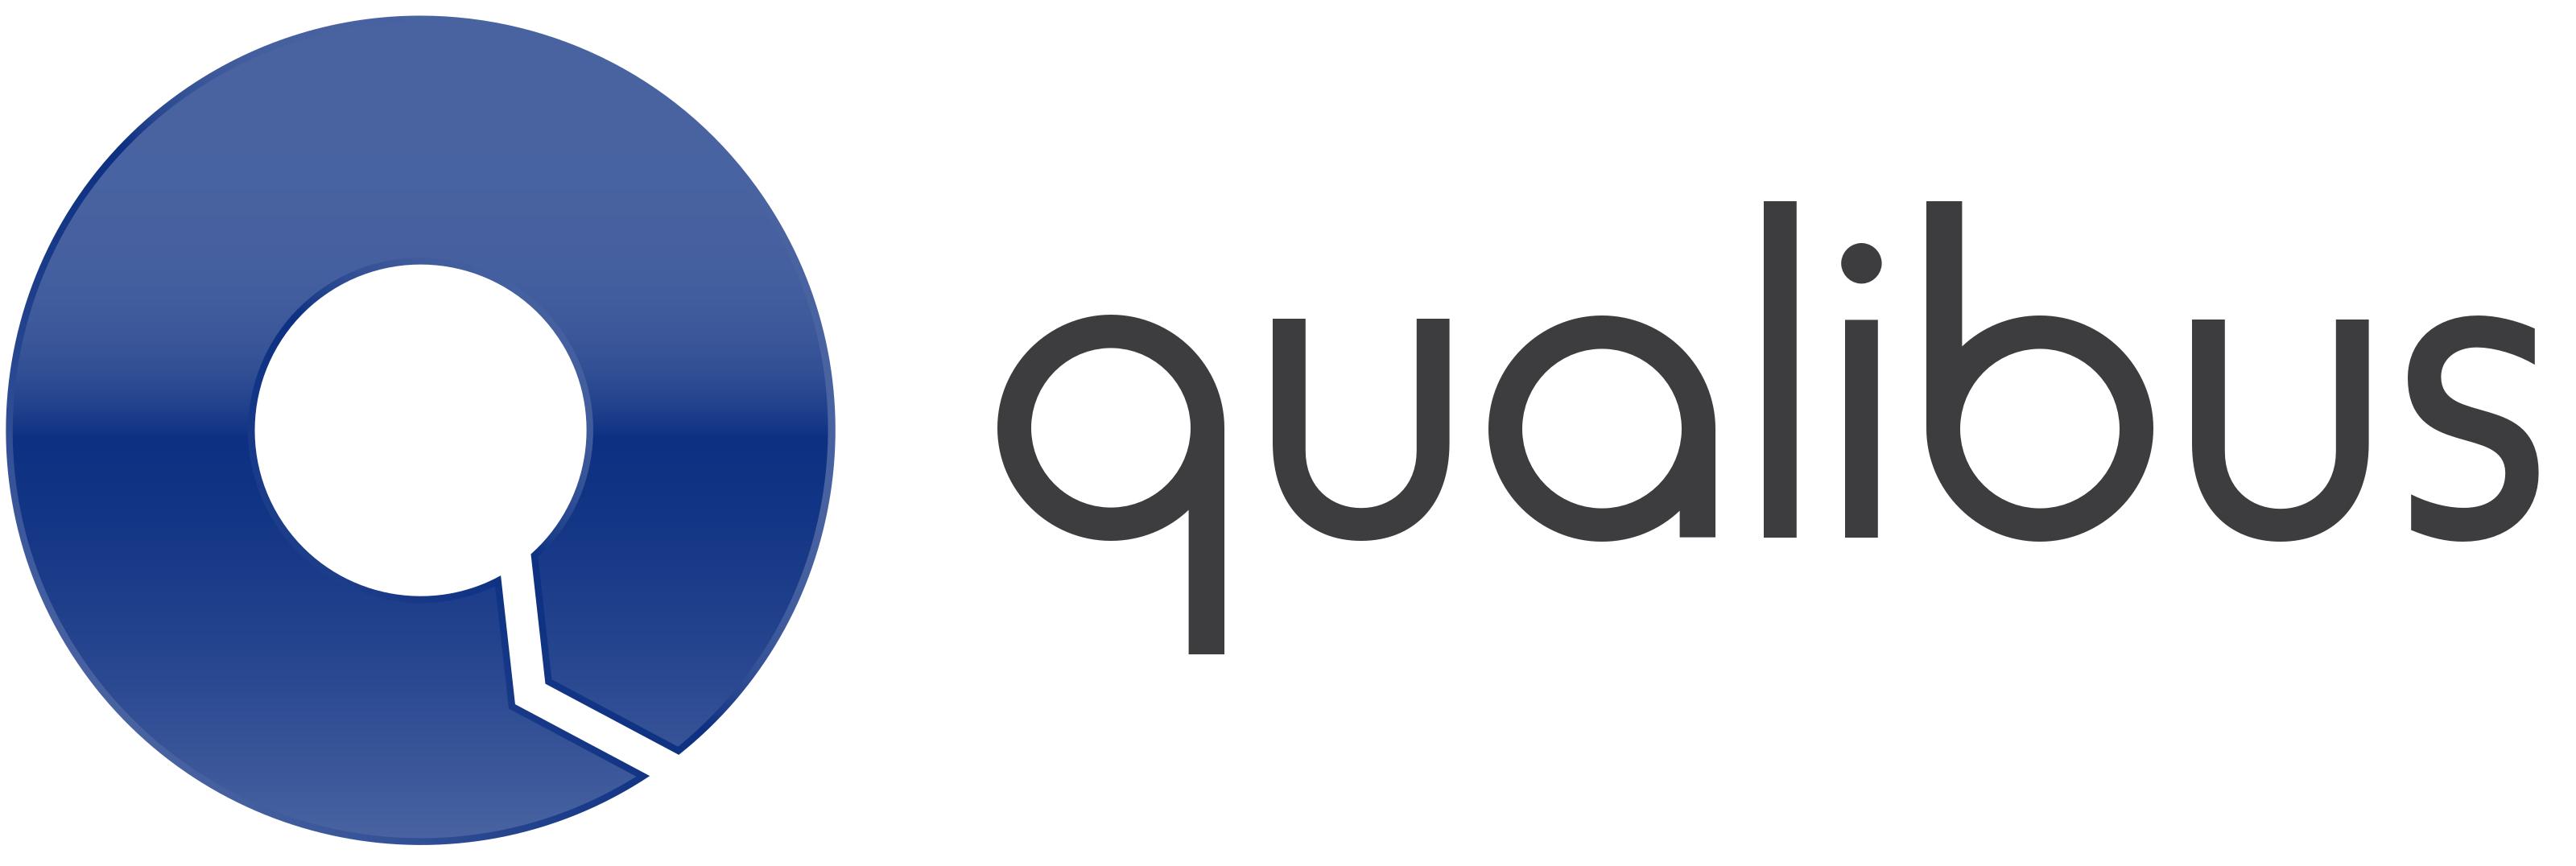 Software Gestione Qualità, Sicurezza, Ambiente, Etica, Energia